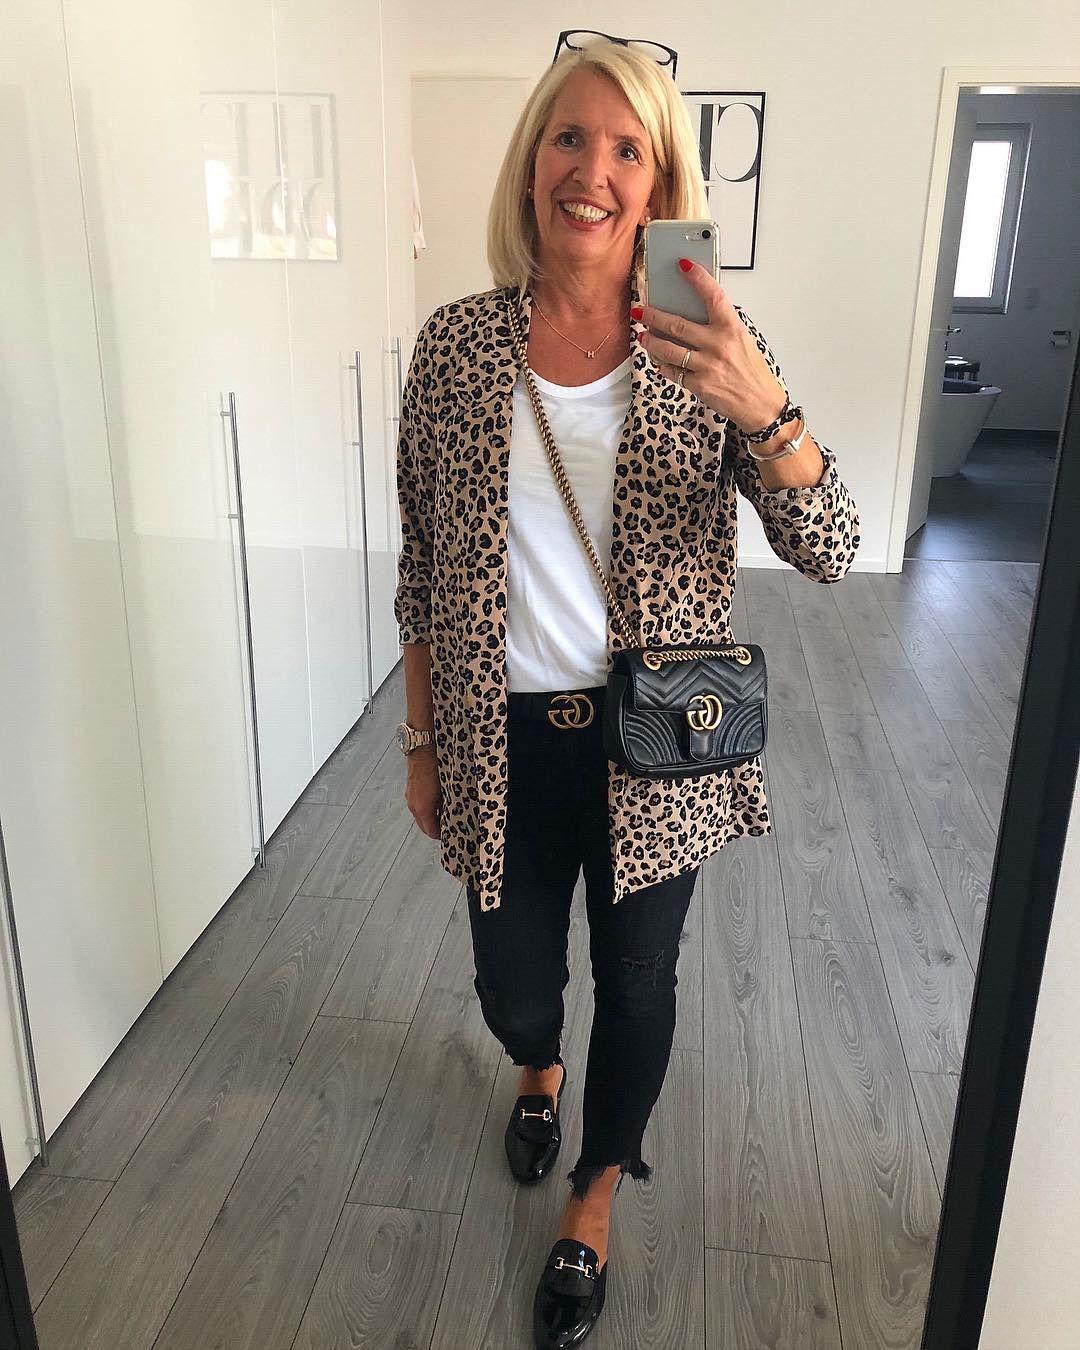 Heike On Instagram Leolove Heute Mal Wieder In With Leo Einen Schonen Dienstag Fur Alle Fashion Sweaters Cardigan